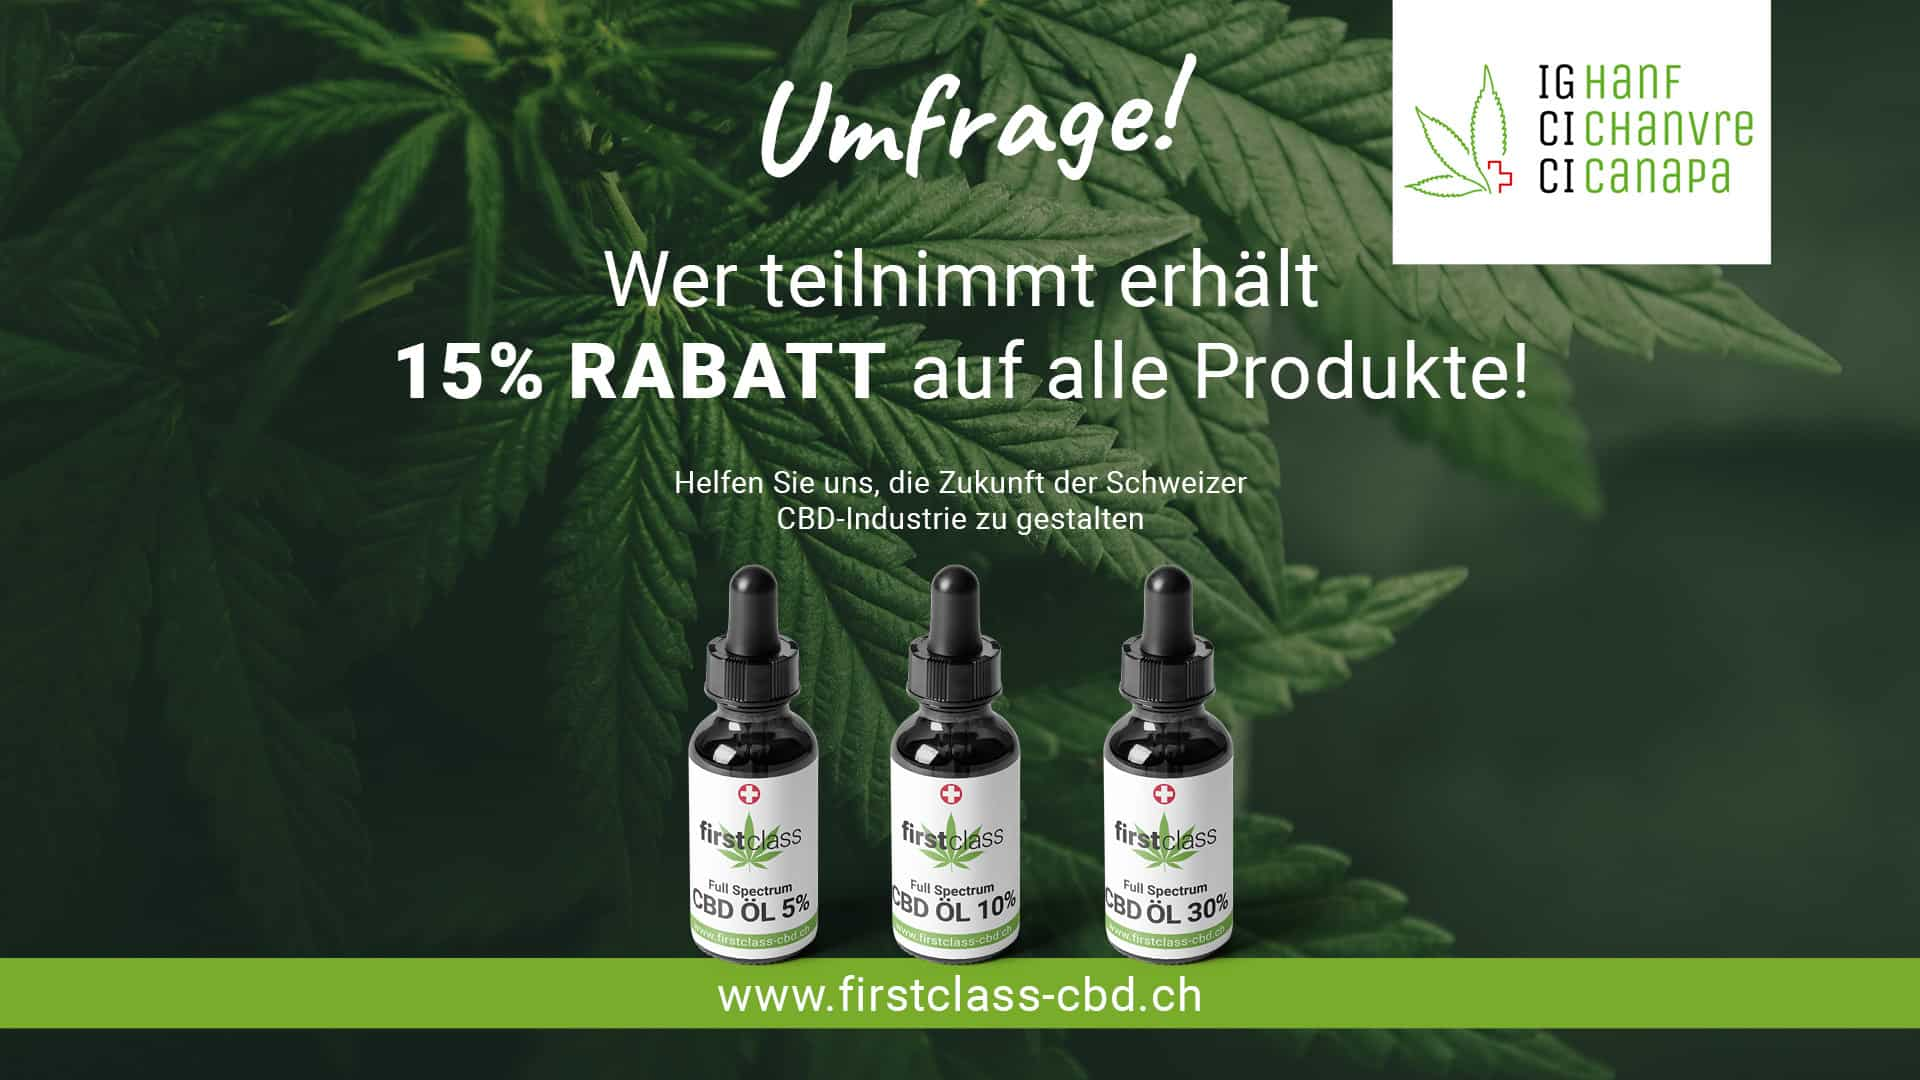 Helfen Sie uns, die Zukunft der Schweizer CBD-Industrie zu gestalten…. 1